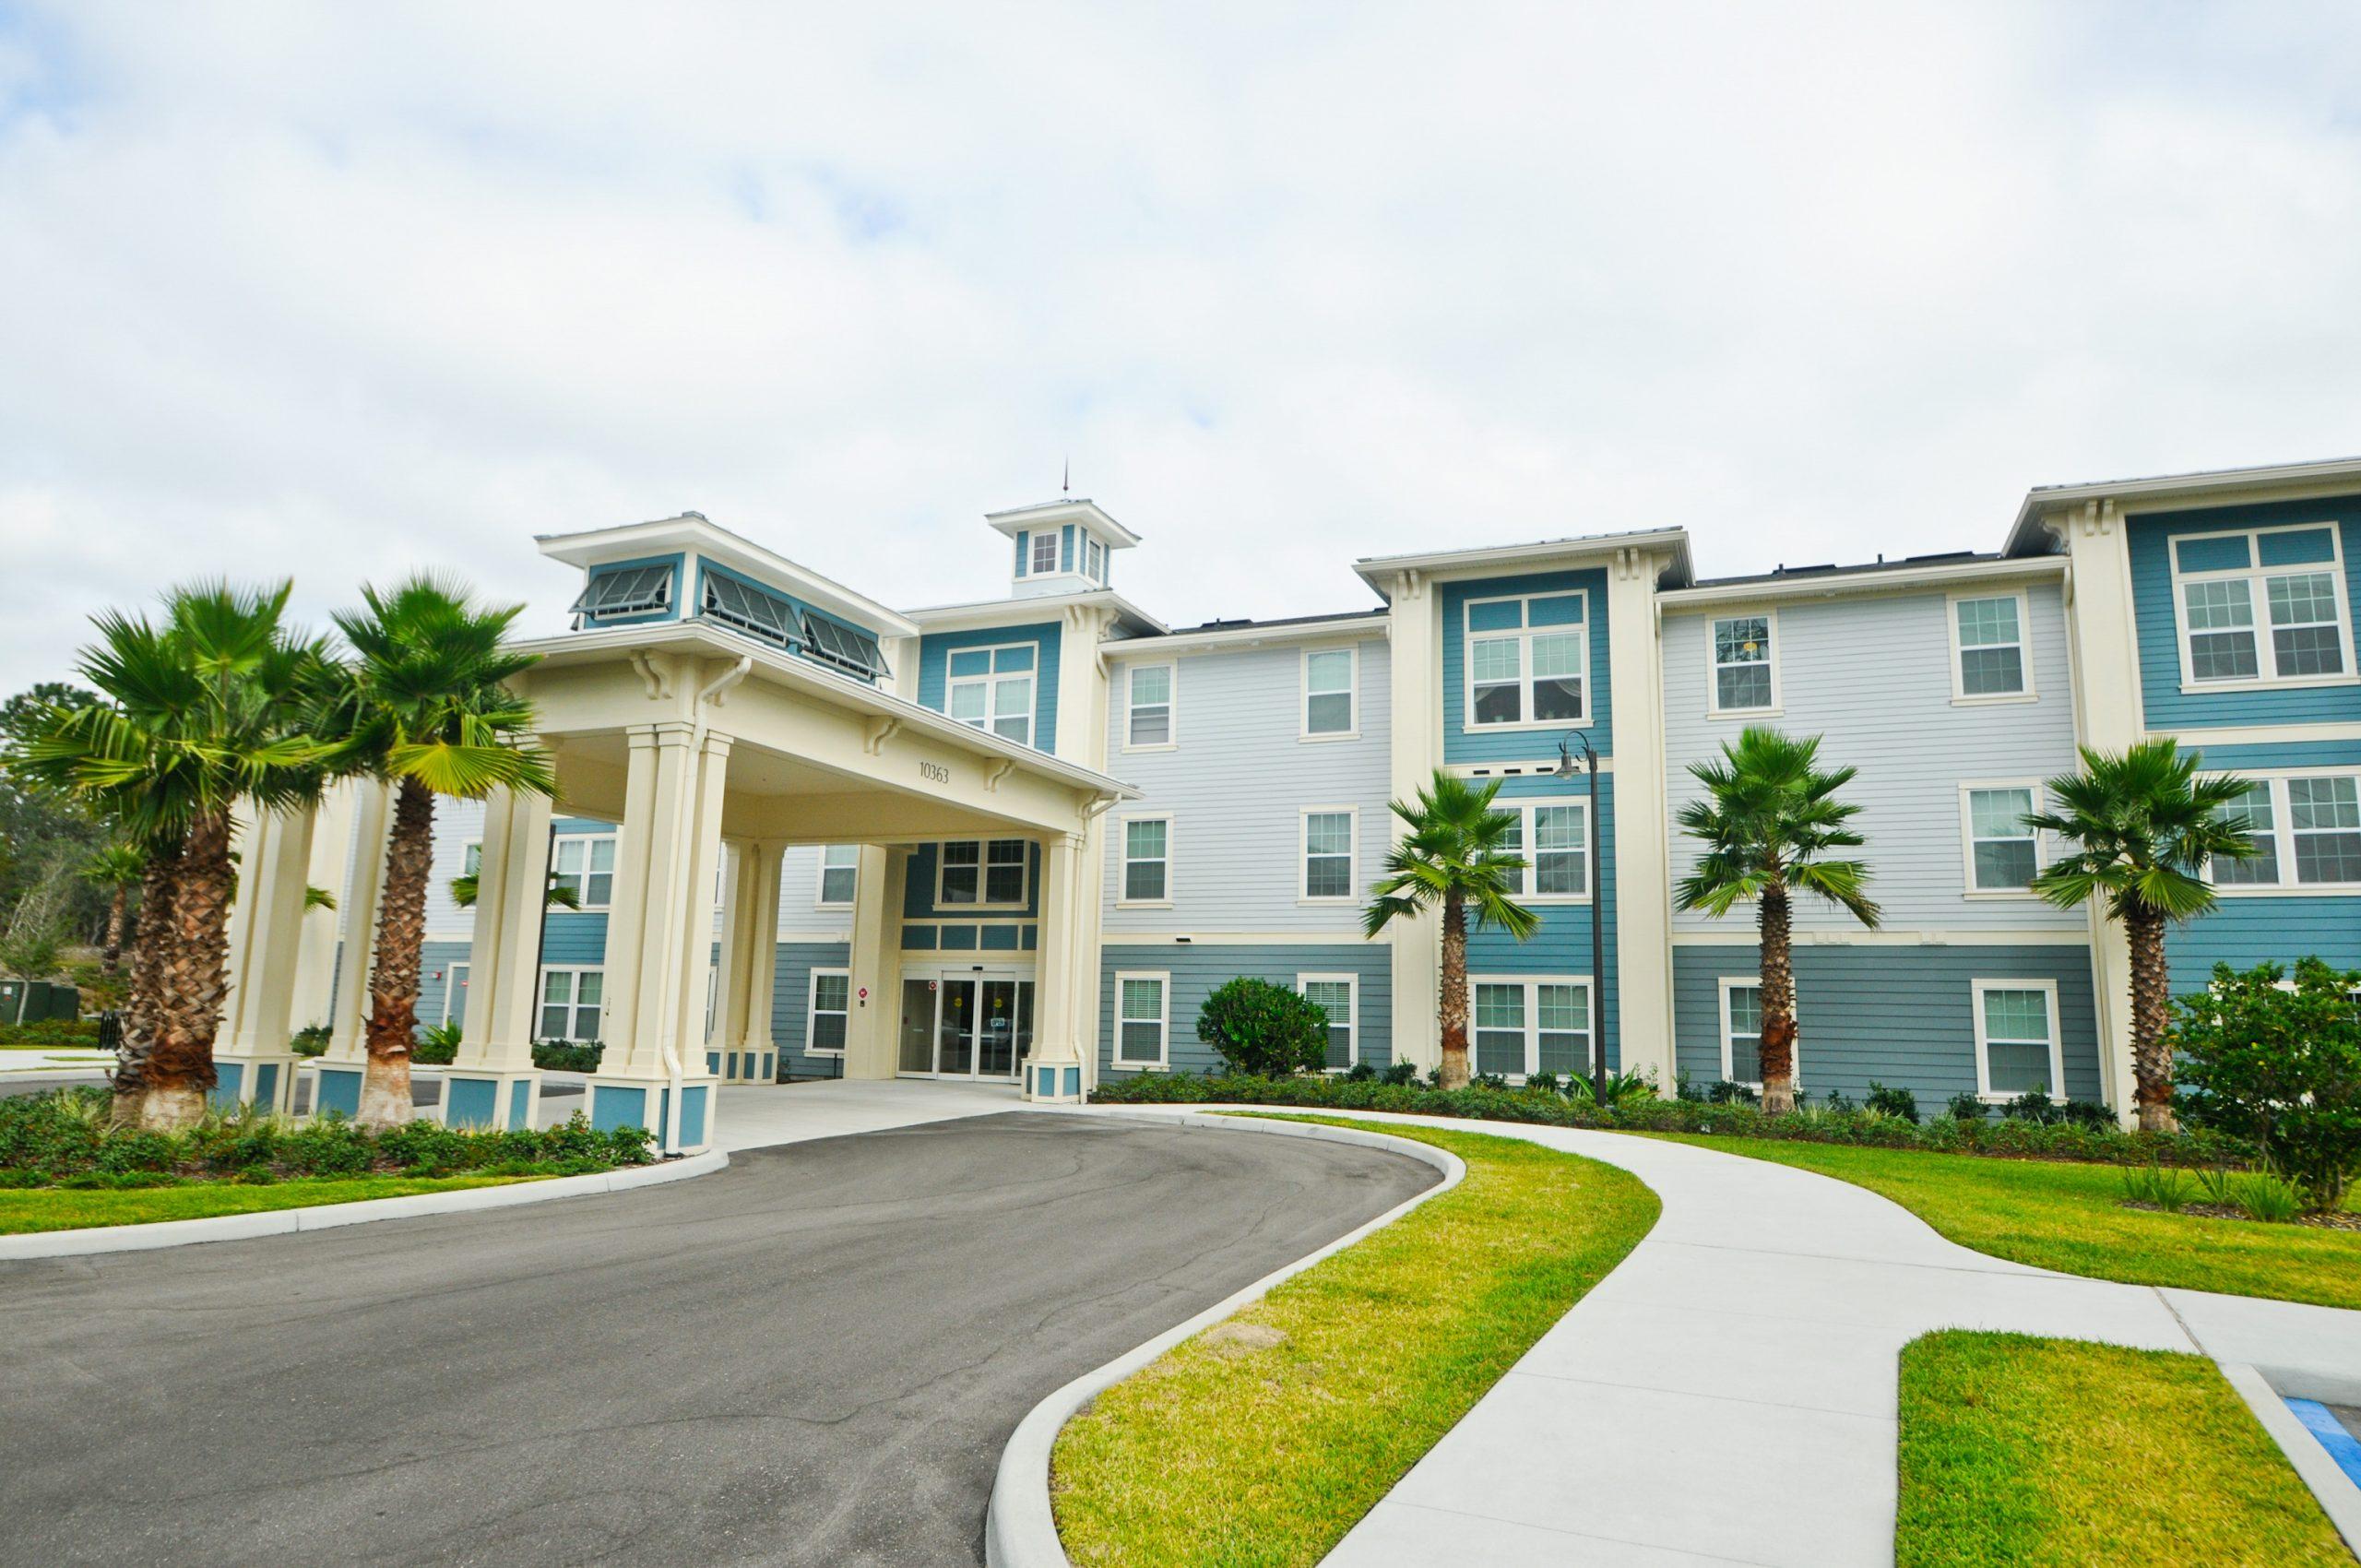 Senior living facility entrance in florida